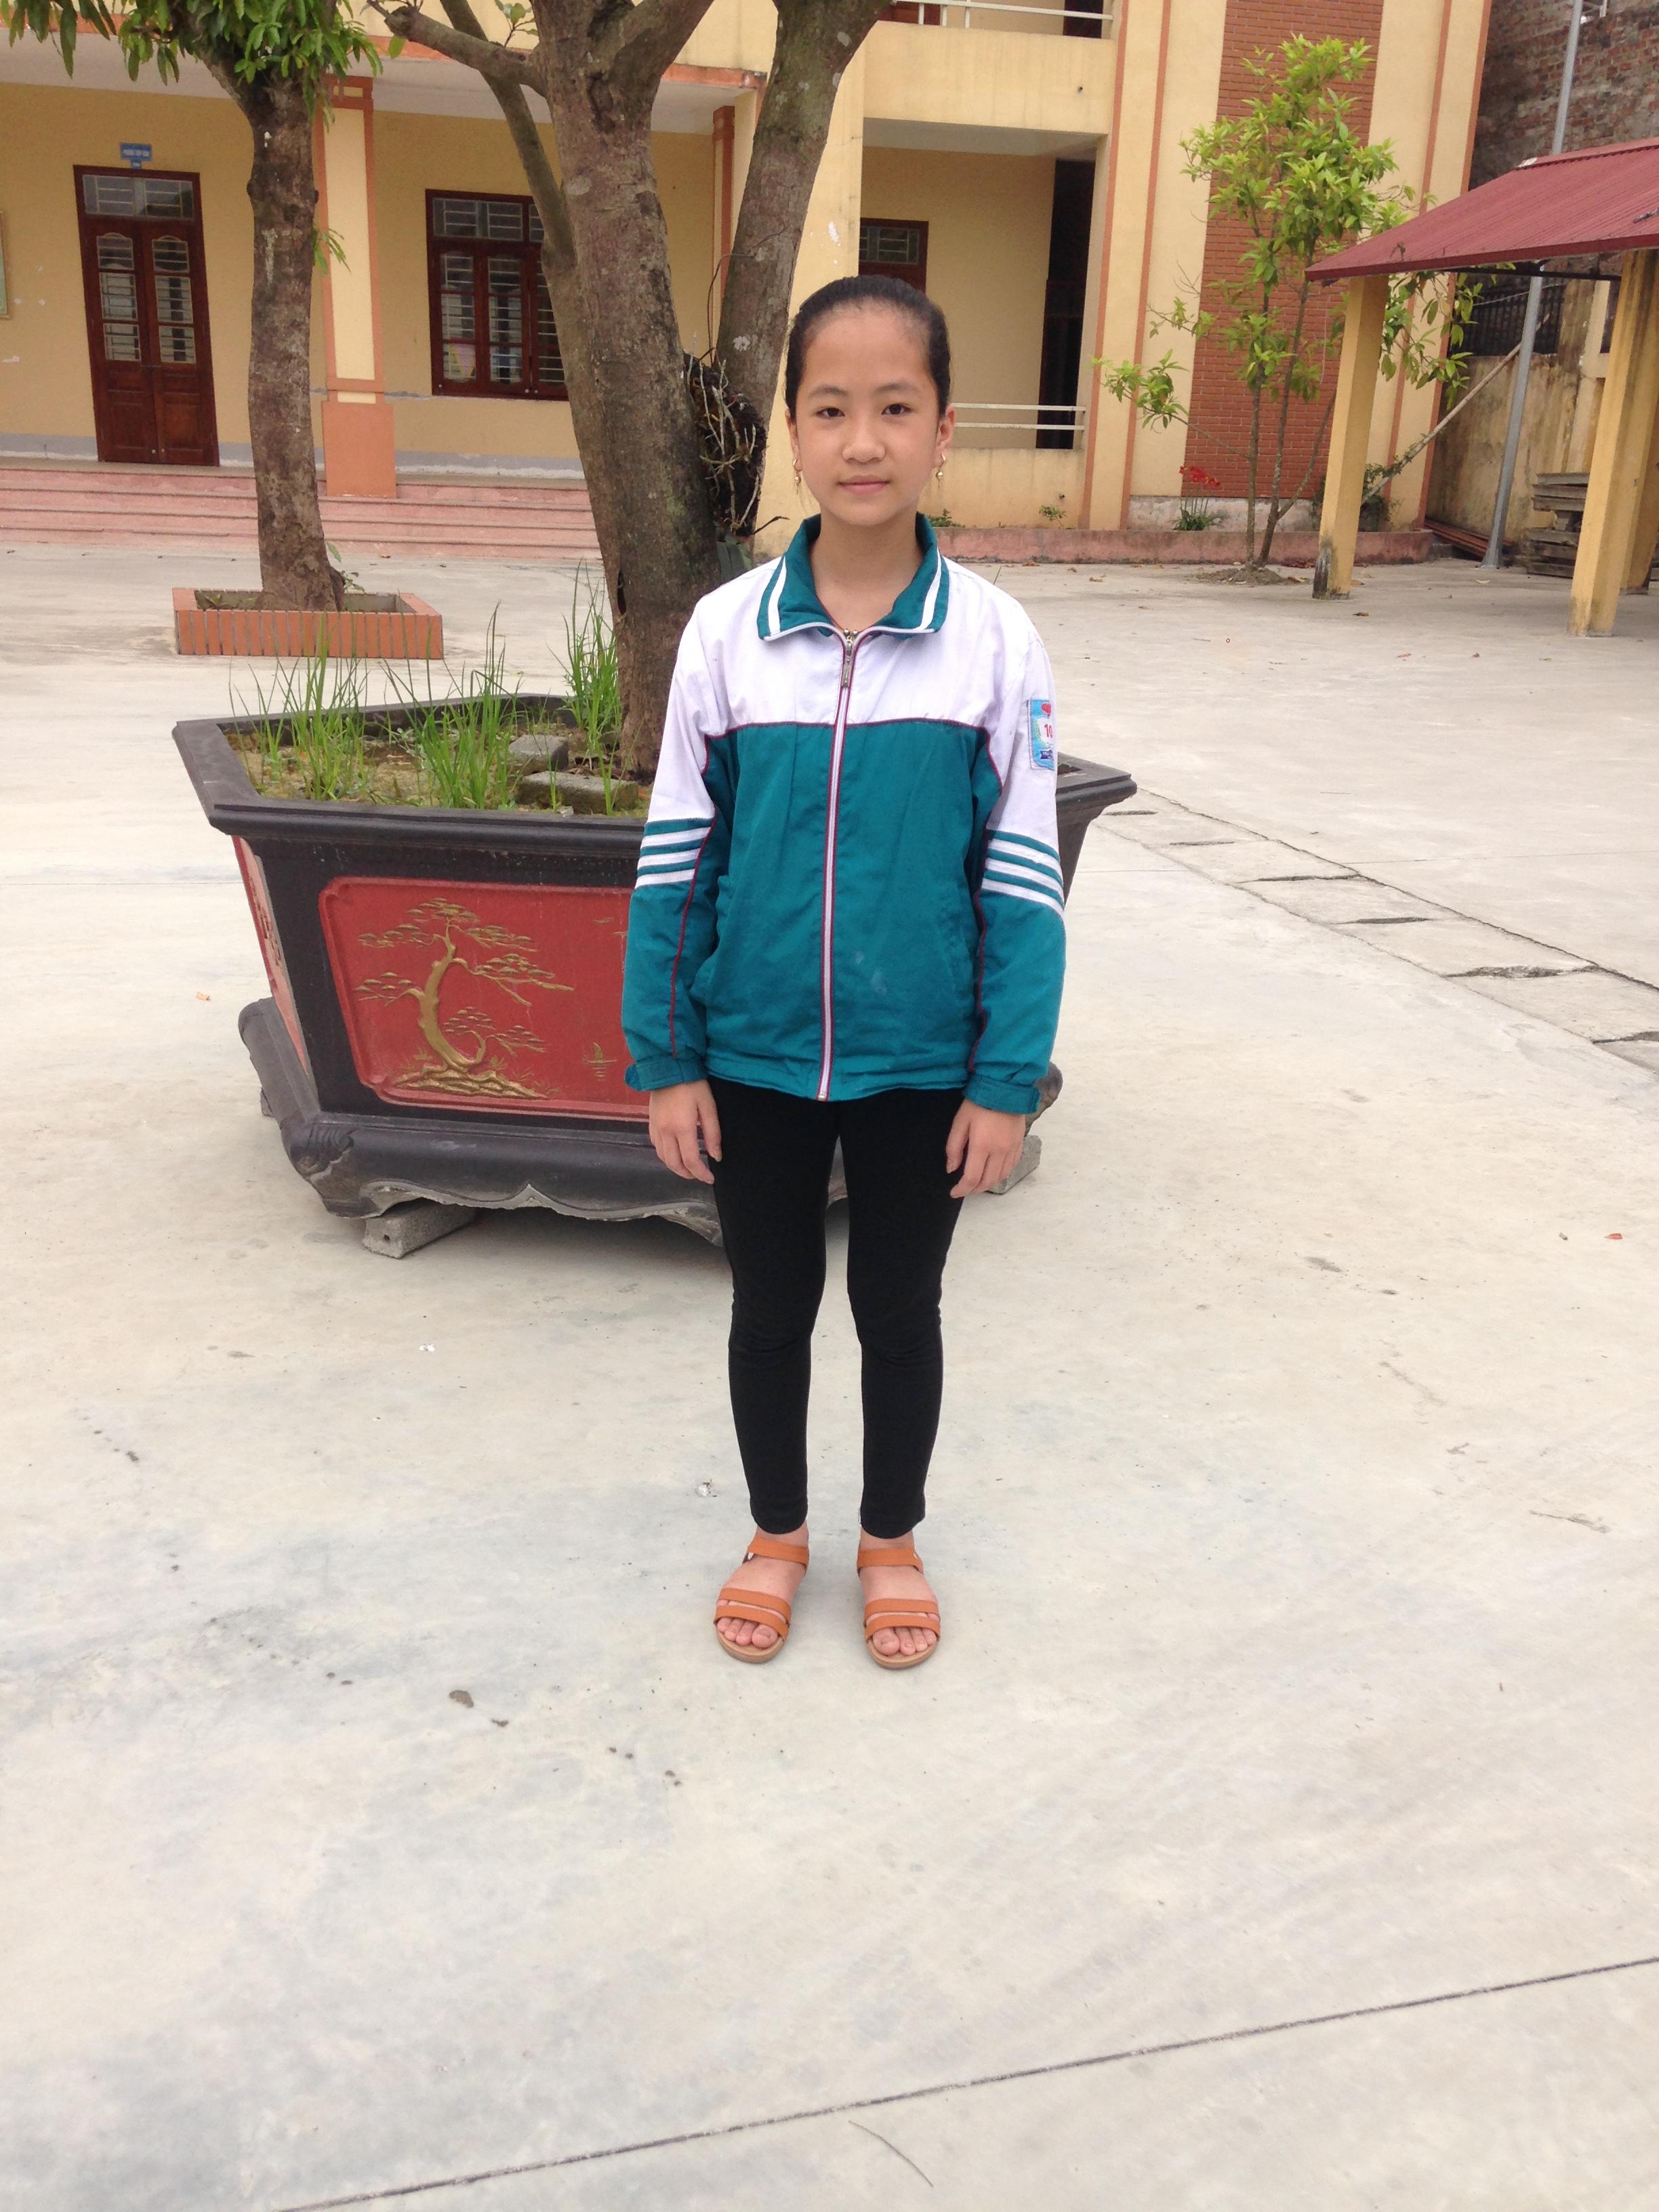 LE JEAN_VU Thi Ngoc Lan